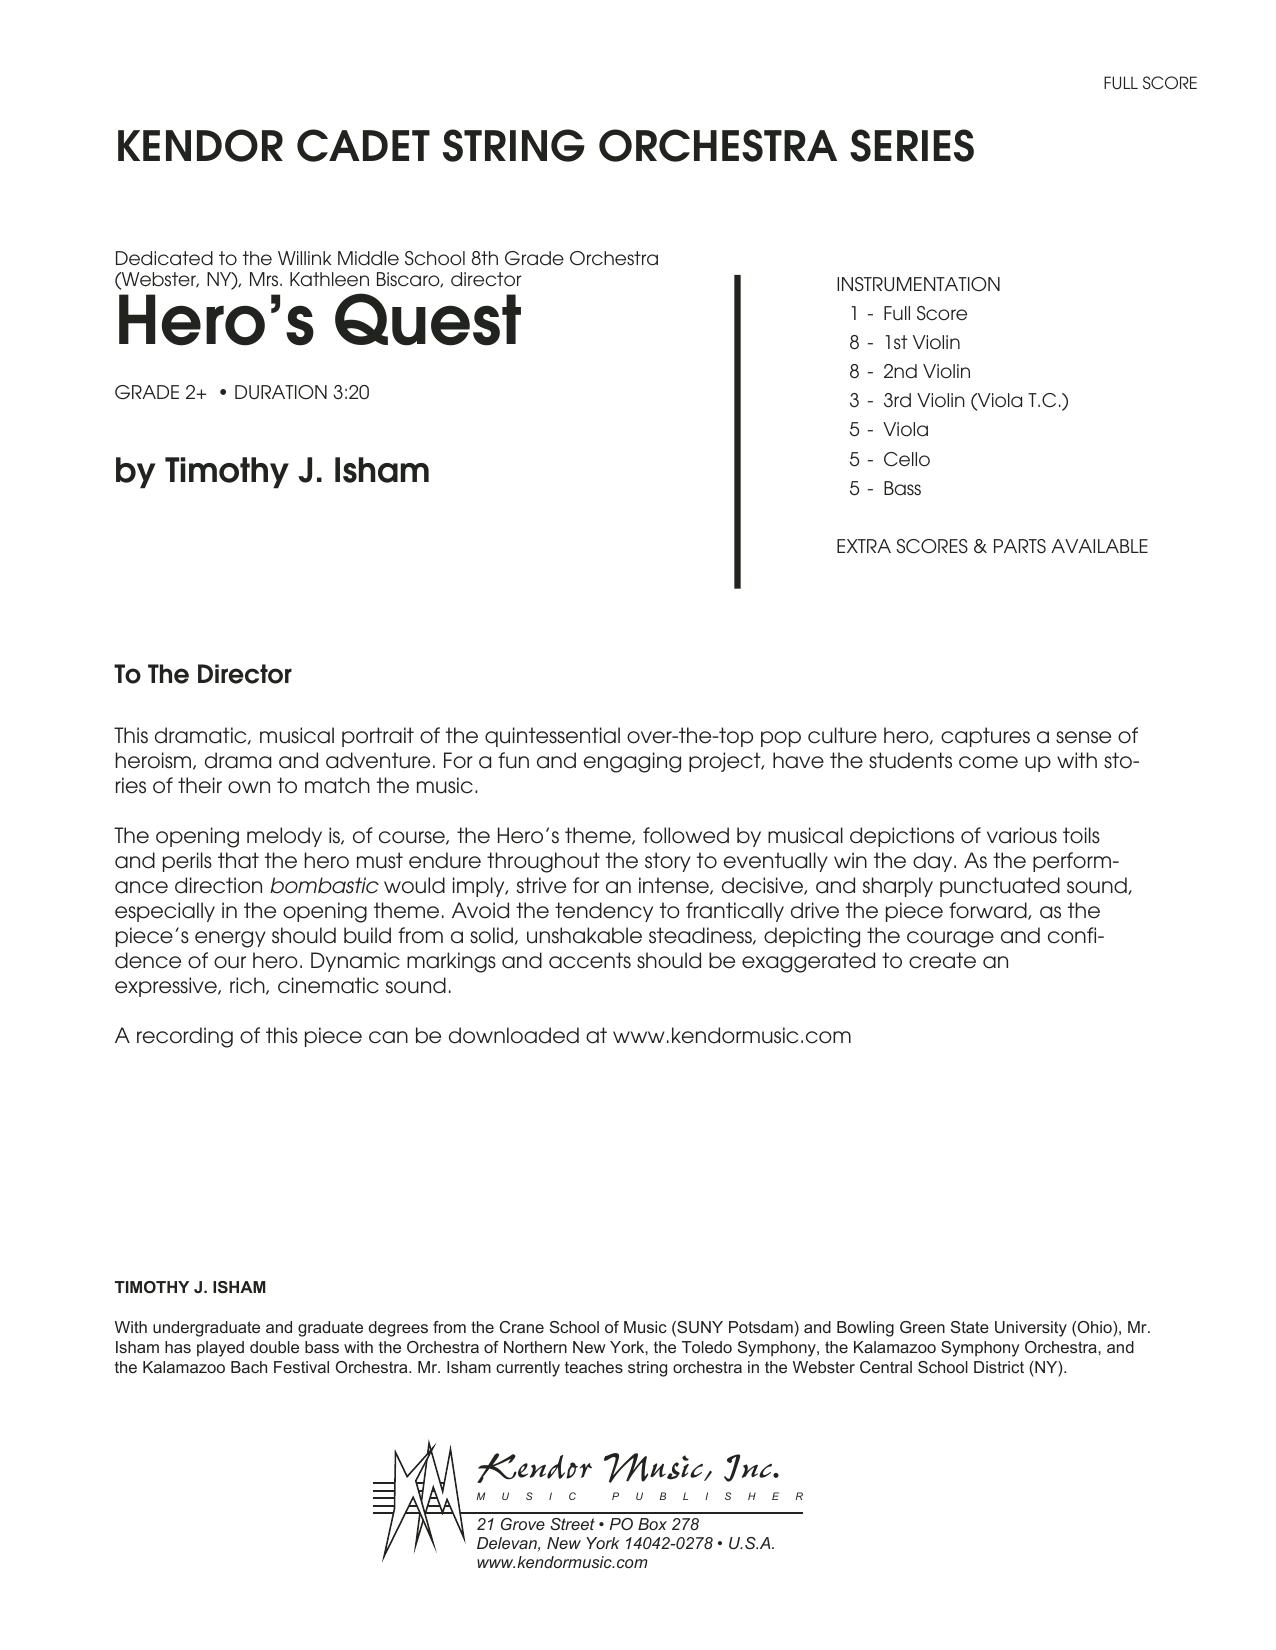 Hero's Quest - Full Score Sheet Music